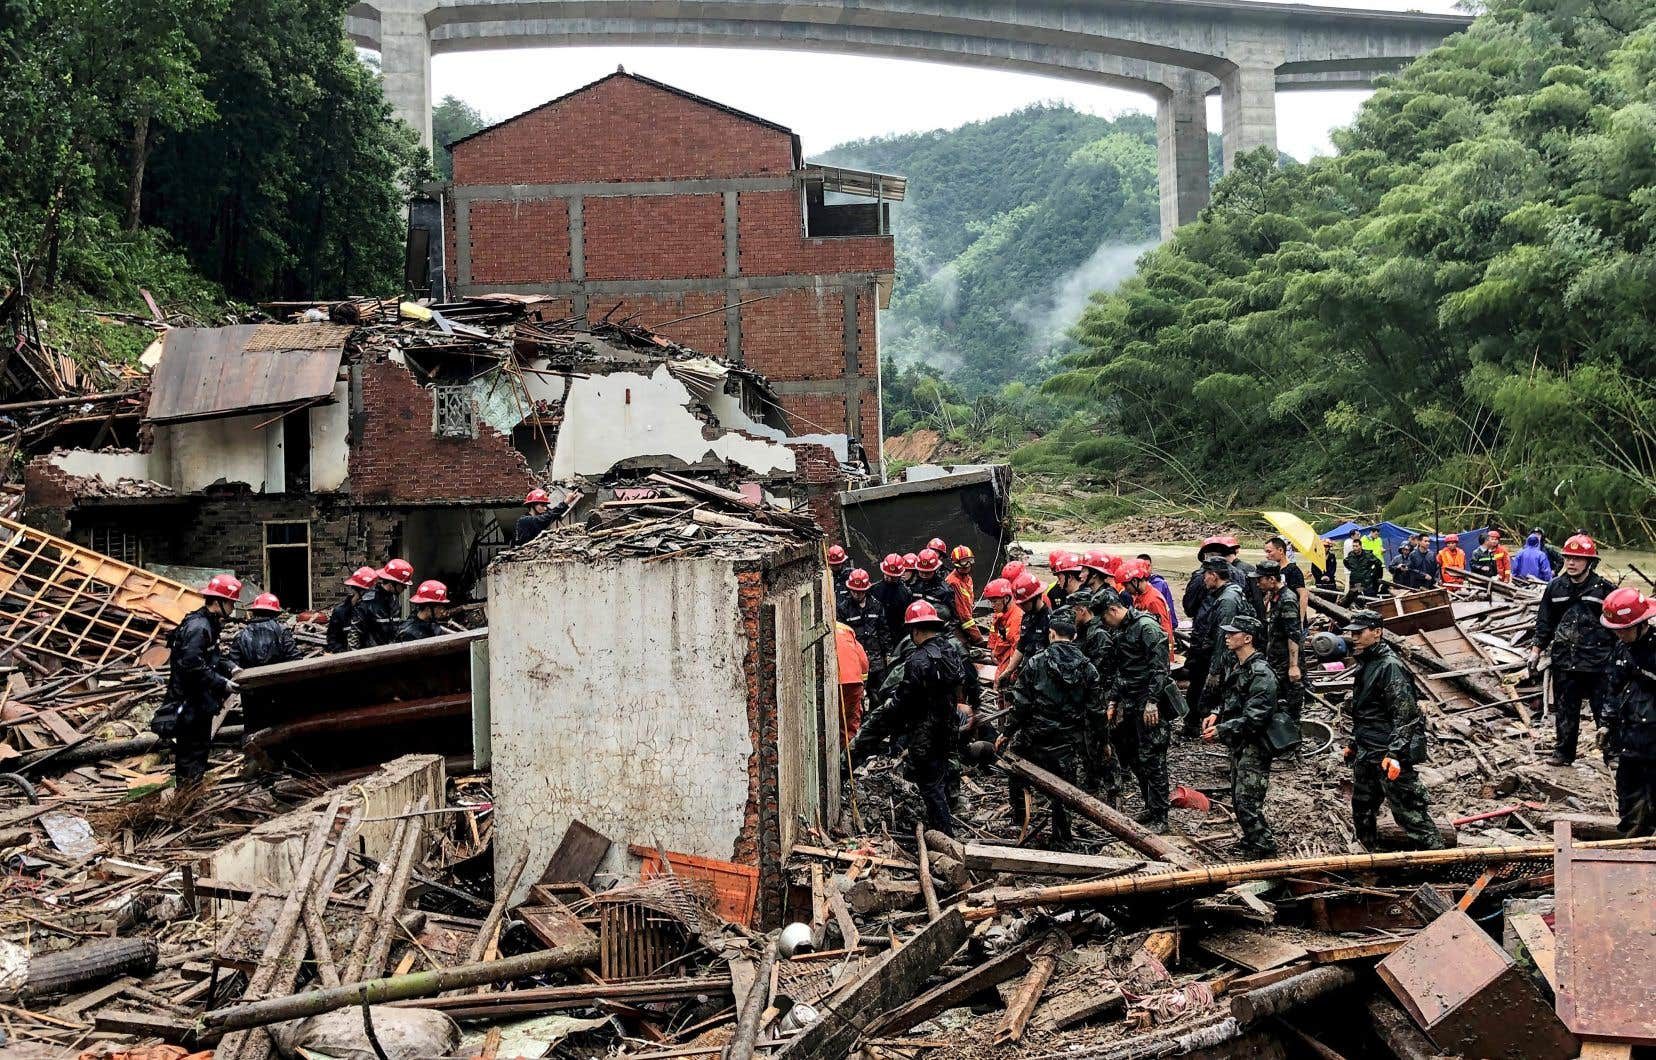 Un glissement de terrain a provoqué le décès d'au moins 18 personnes dans la vaste commune de Wenzhou, au sud de Shanghai.